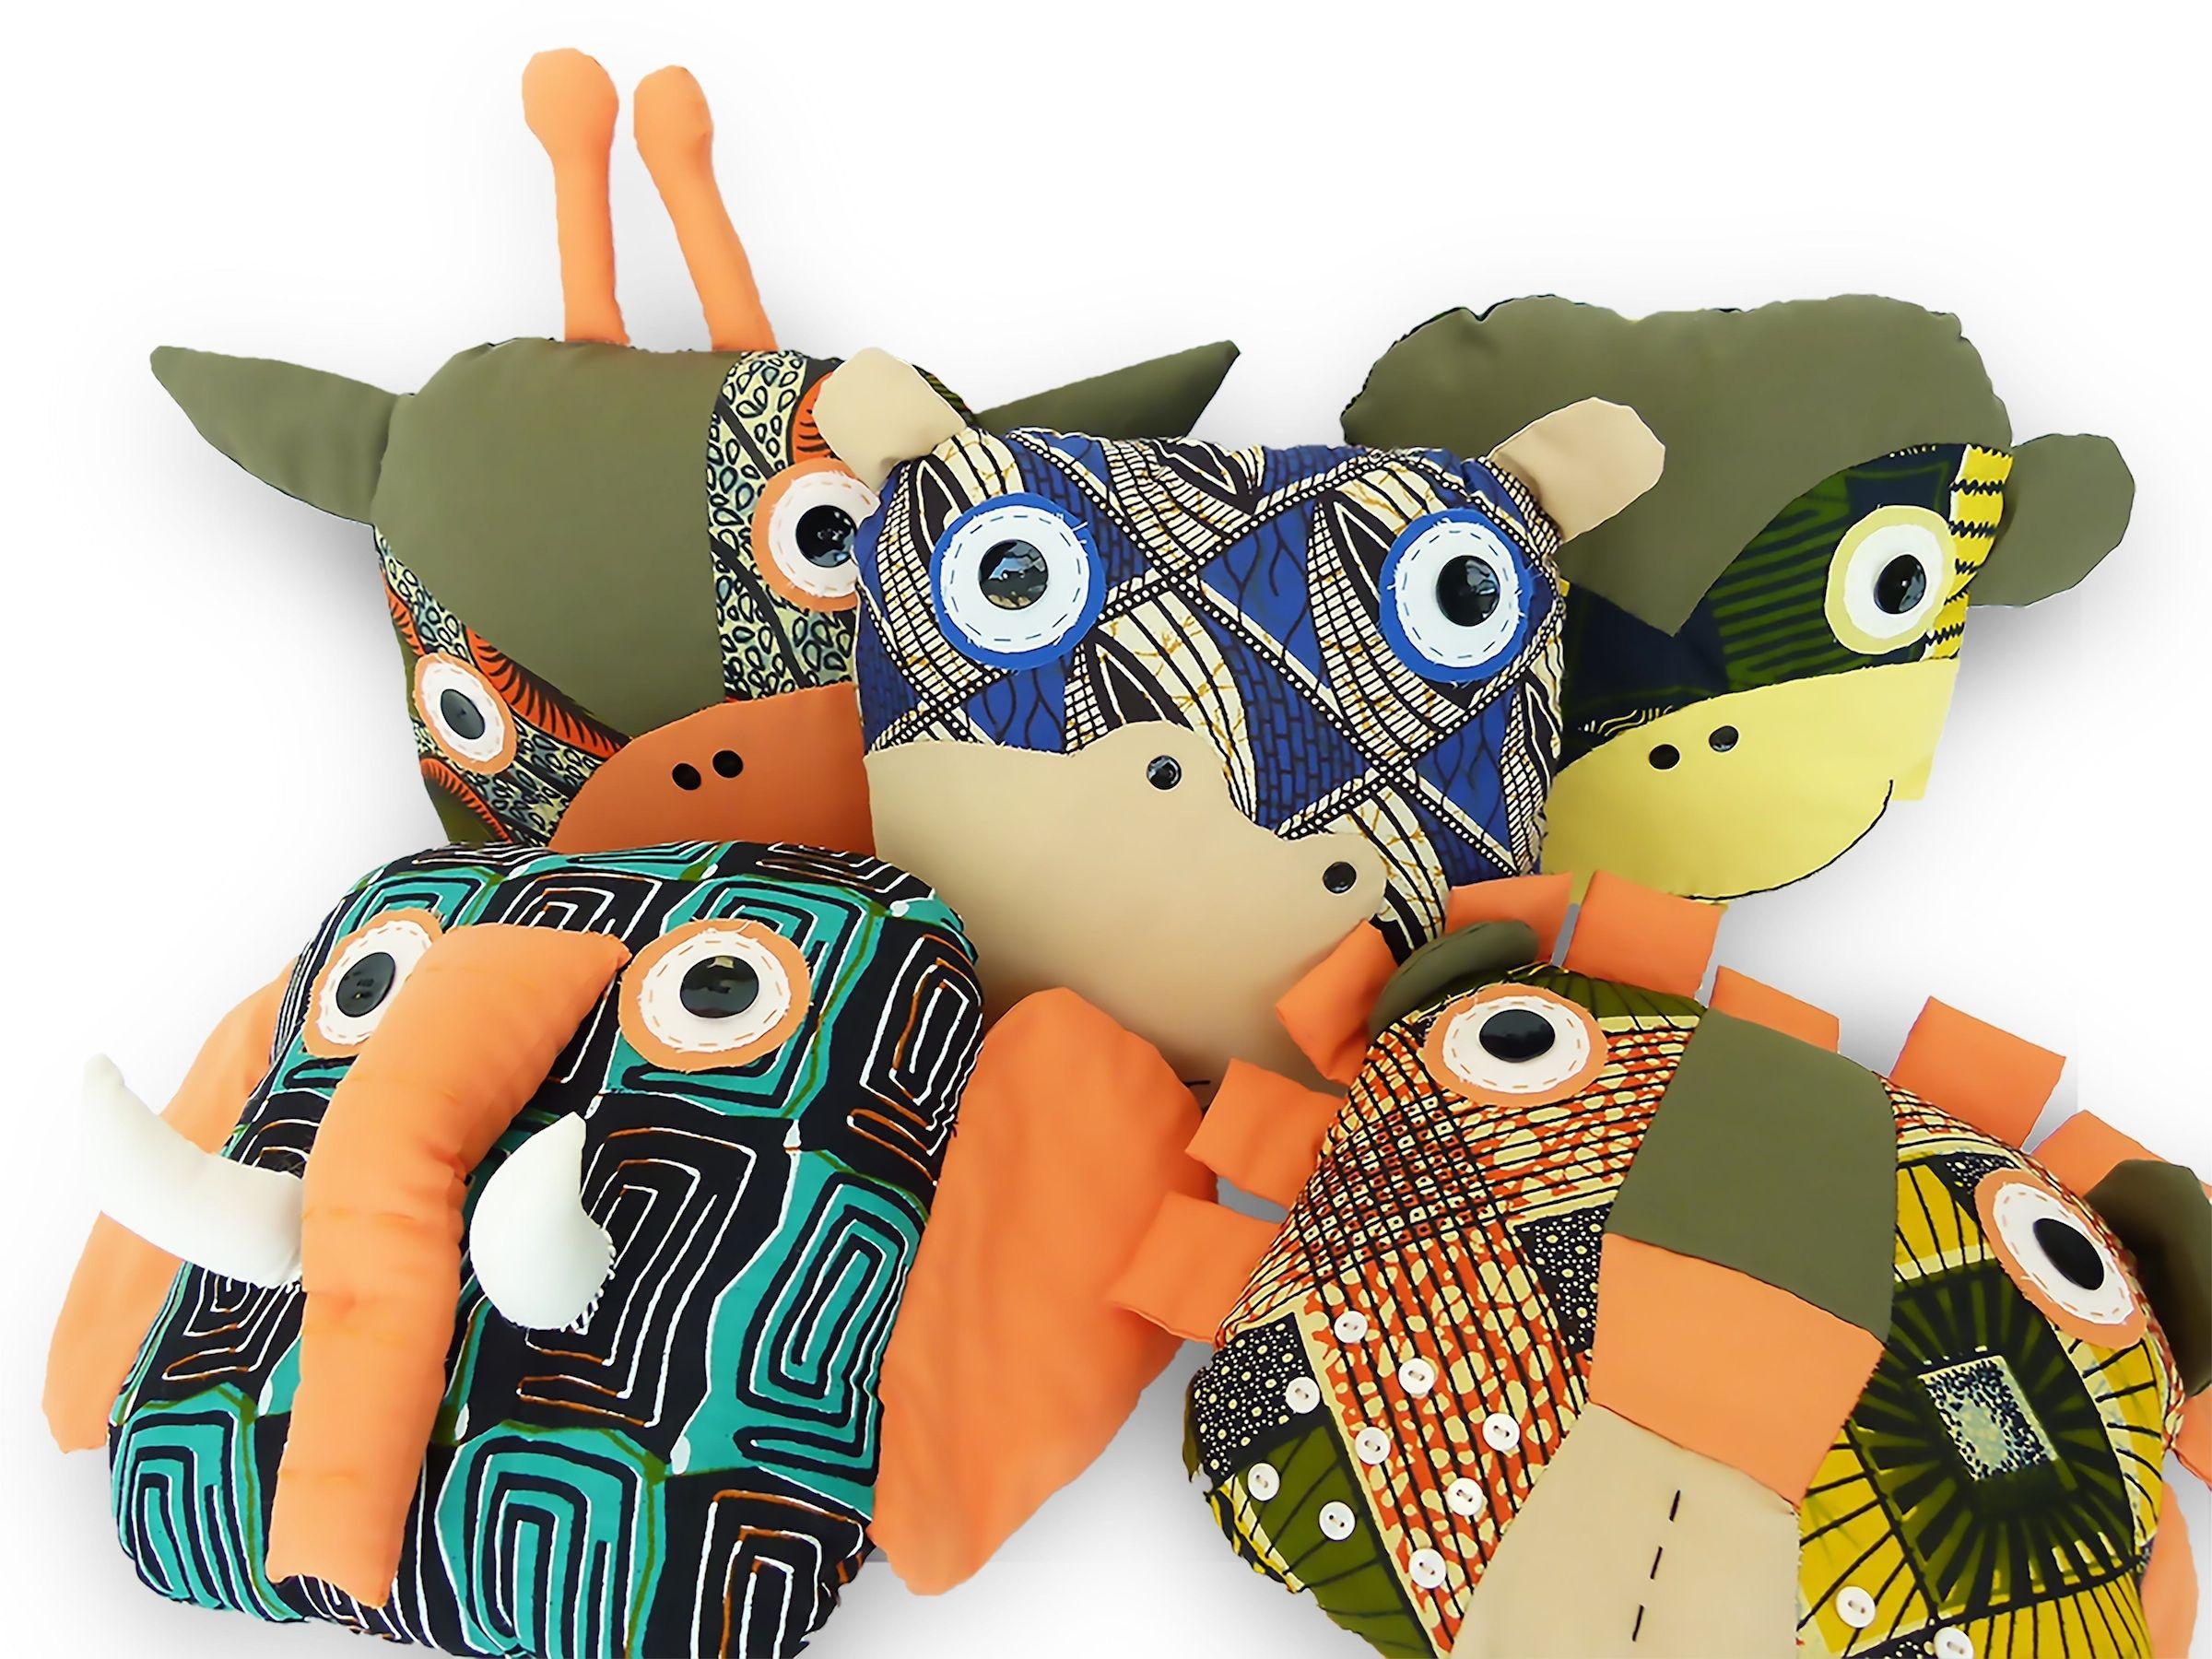 Cojines diseñados por Free Design Bank y producidos por el Jimudu Women Group, en Kenia.